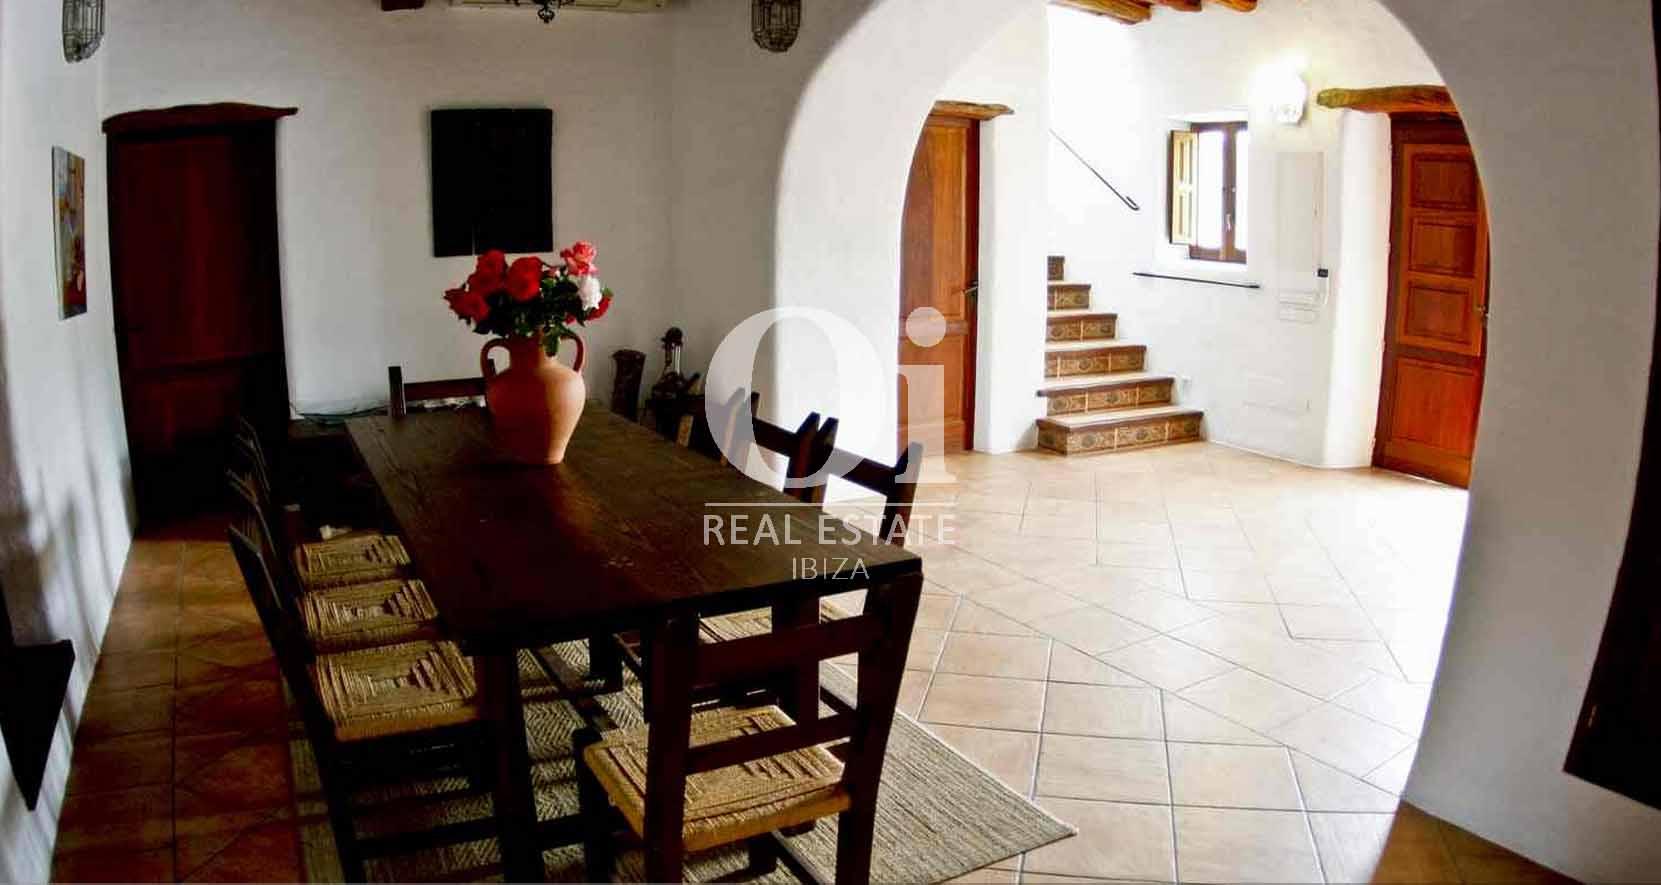 Blick in das Bauernhaus zur Miete auf Ibiza